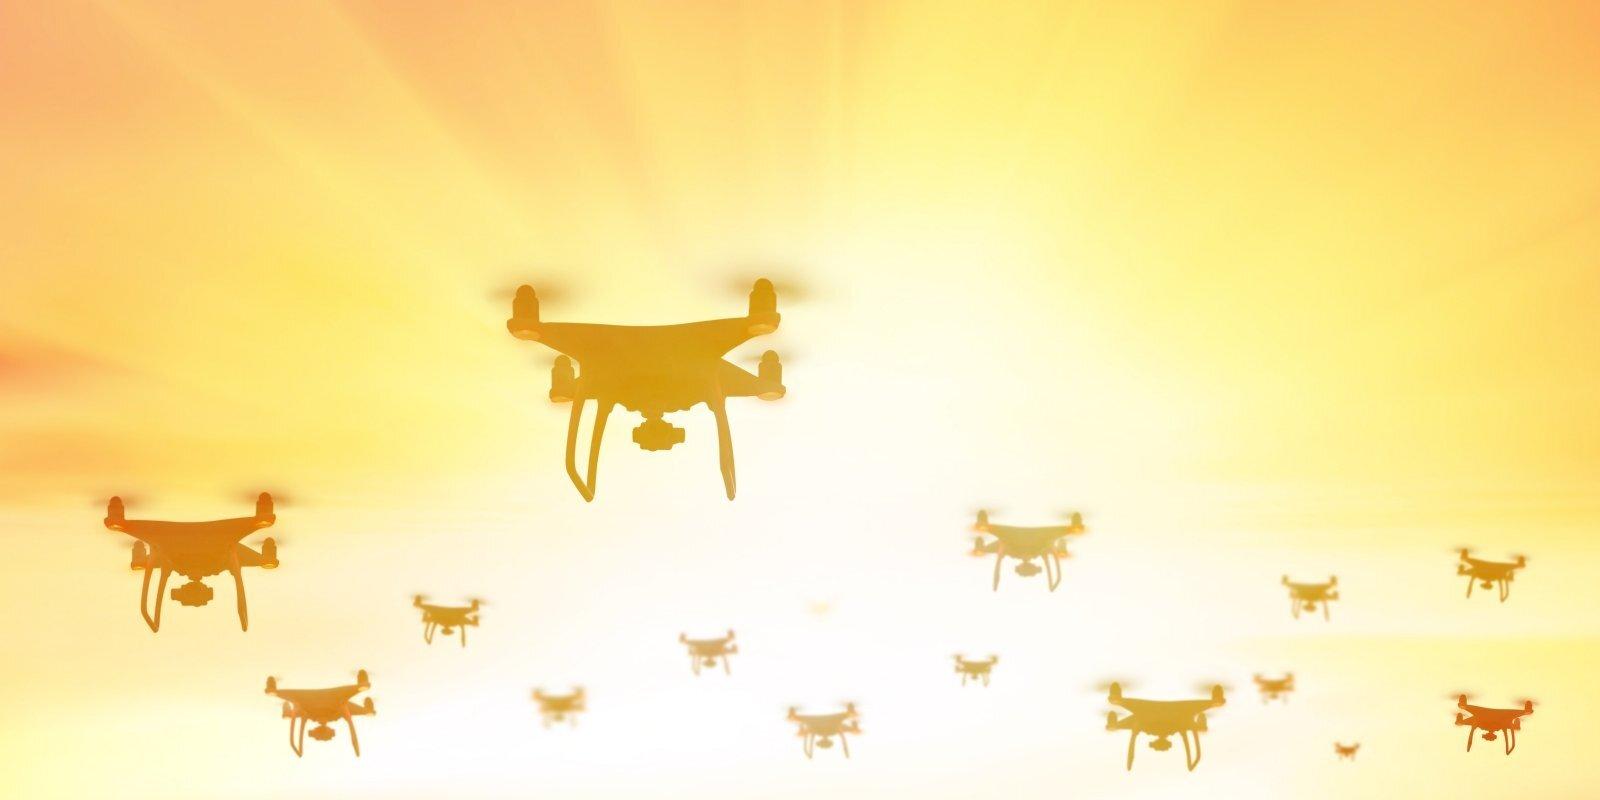 На взлете. Как латвийские разработчики дронов пытаются покорить мировой рынок